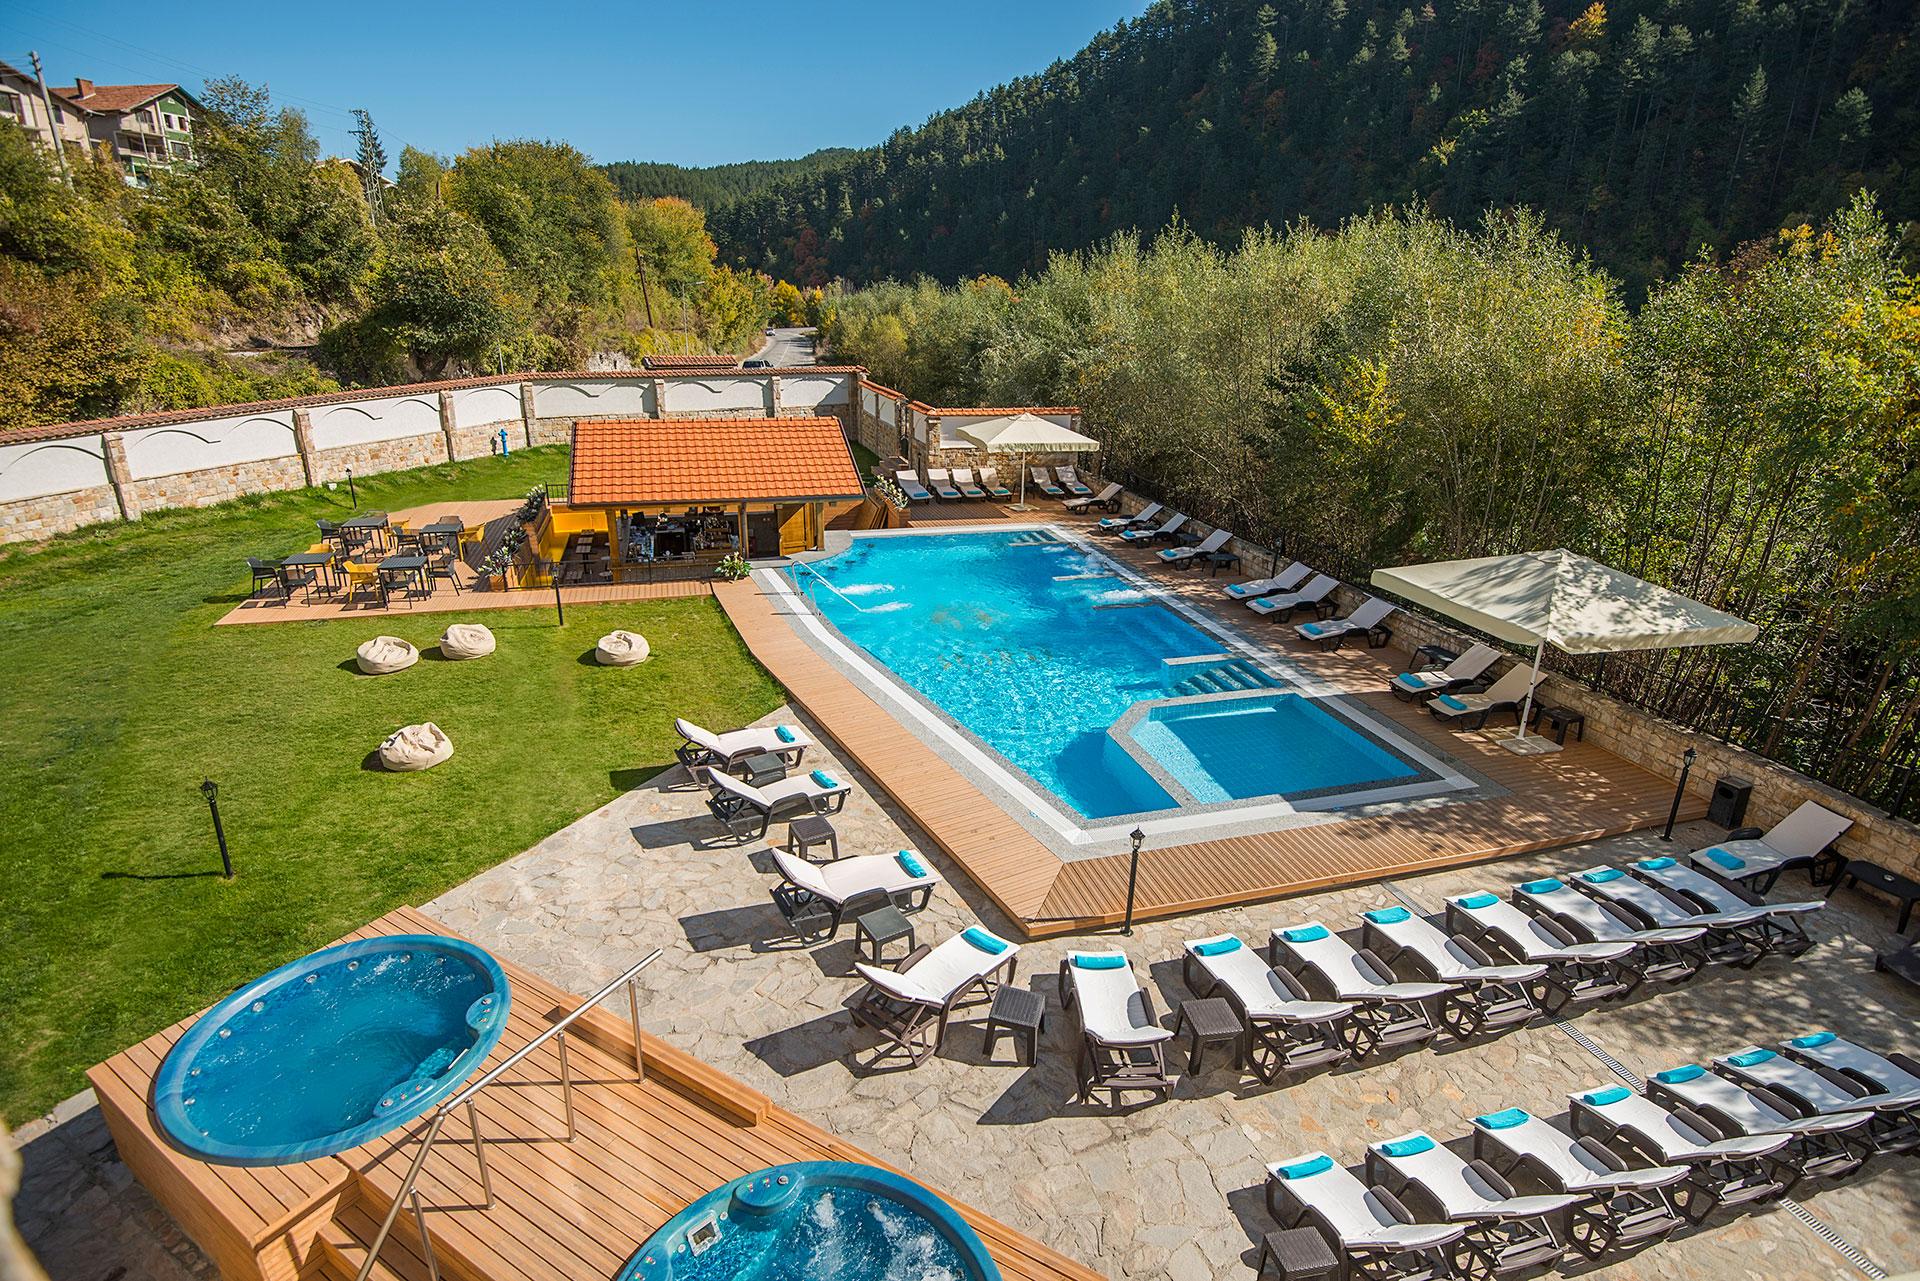 Акватонический бассейн с встроенным баром на открытом воздухе на лоне природы в отеле Свети Спас Велинград